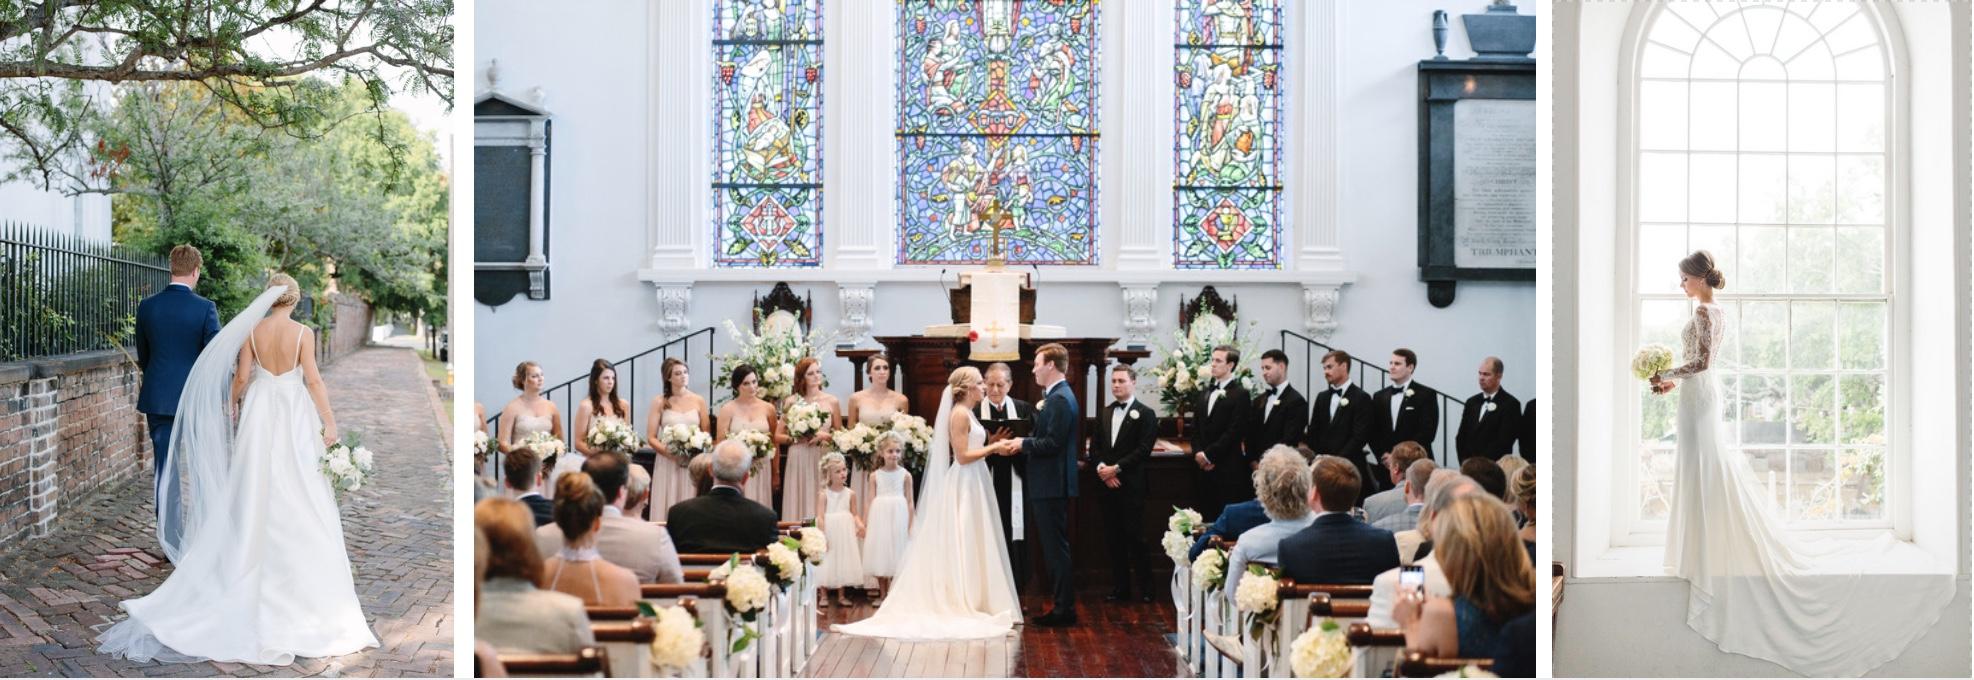 charleston weddings.jpeg